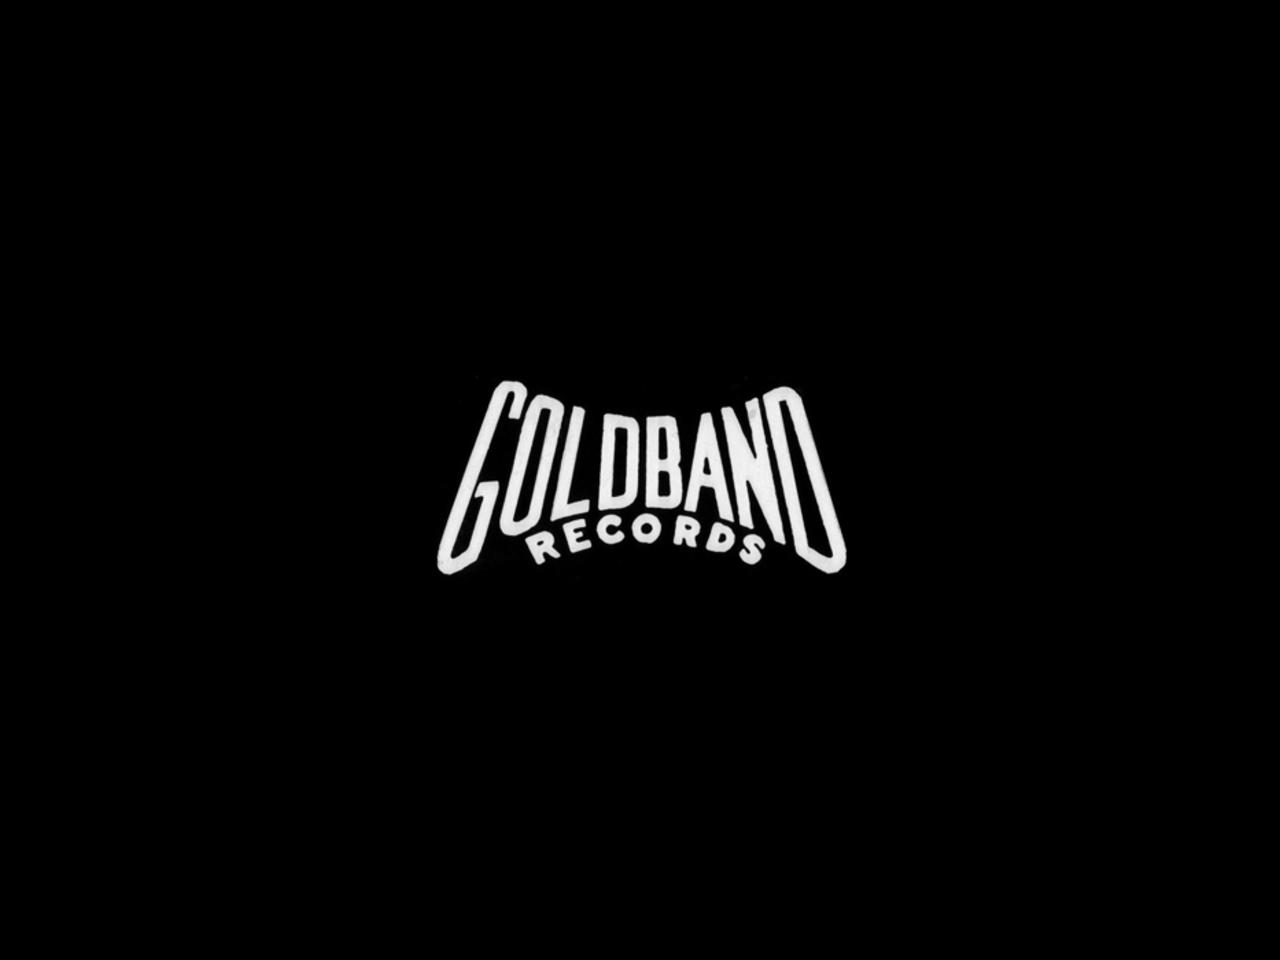 Photo of goldband-records